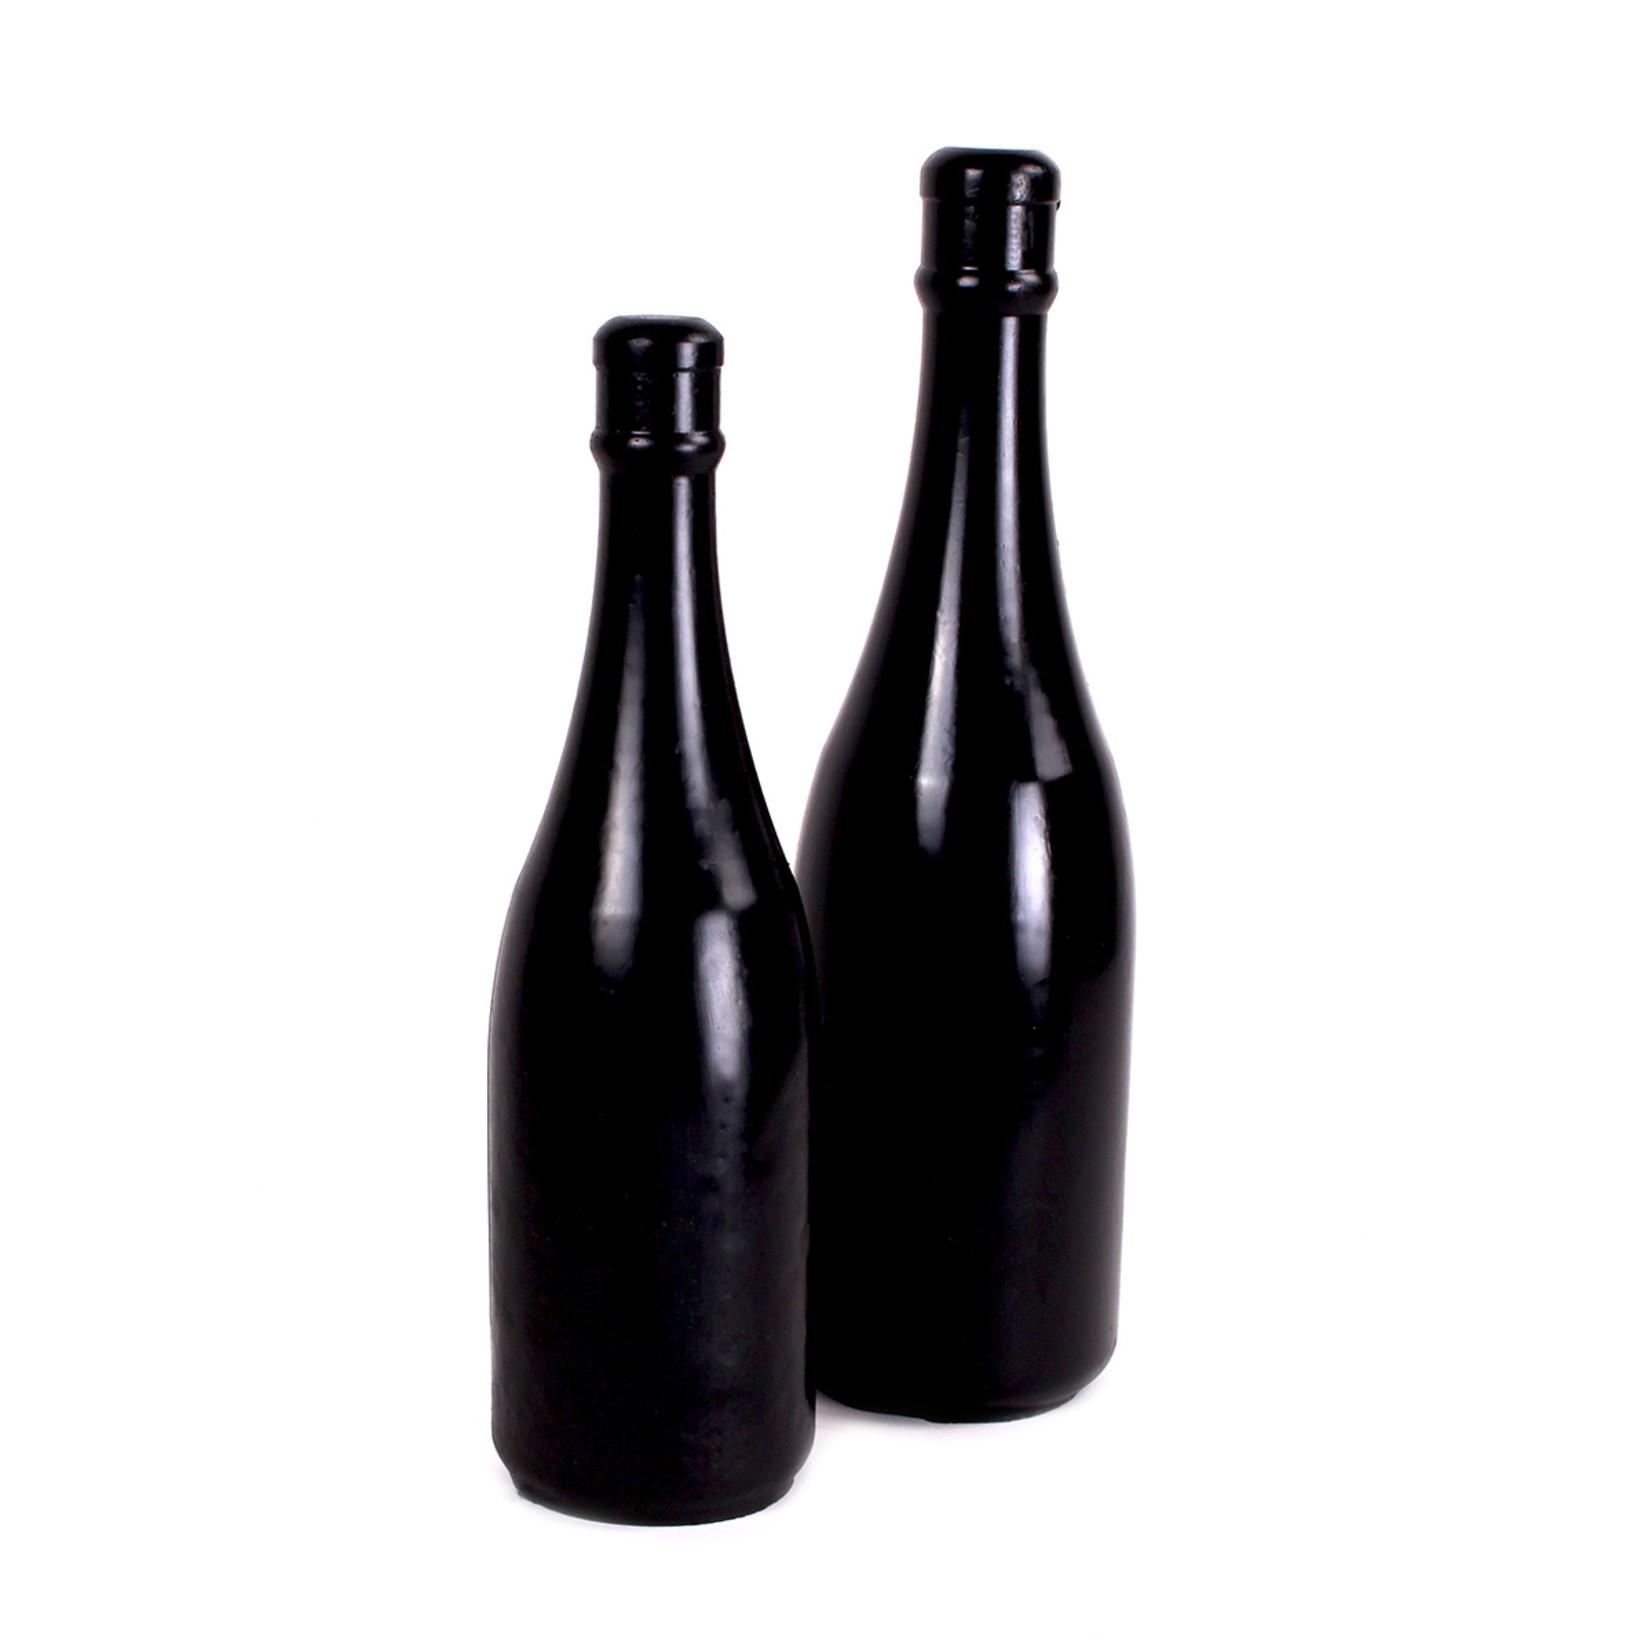 All Black Champagne Bottle Large